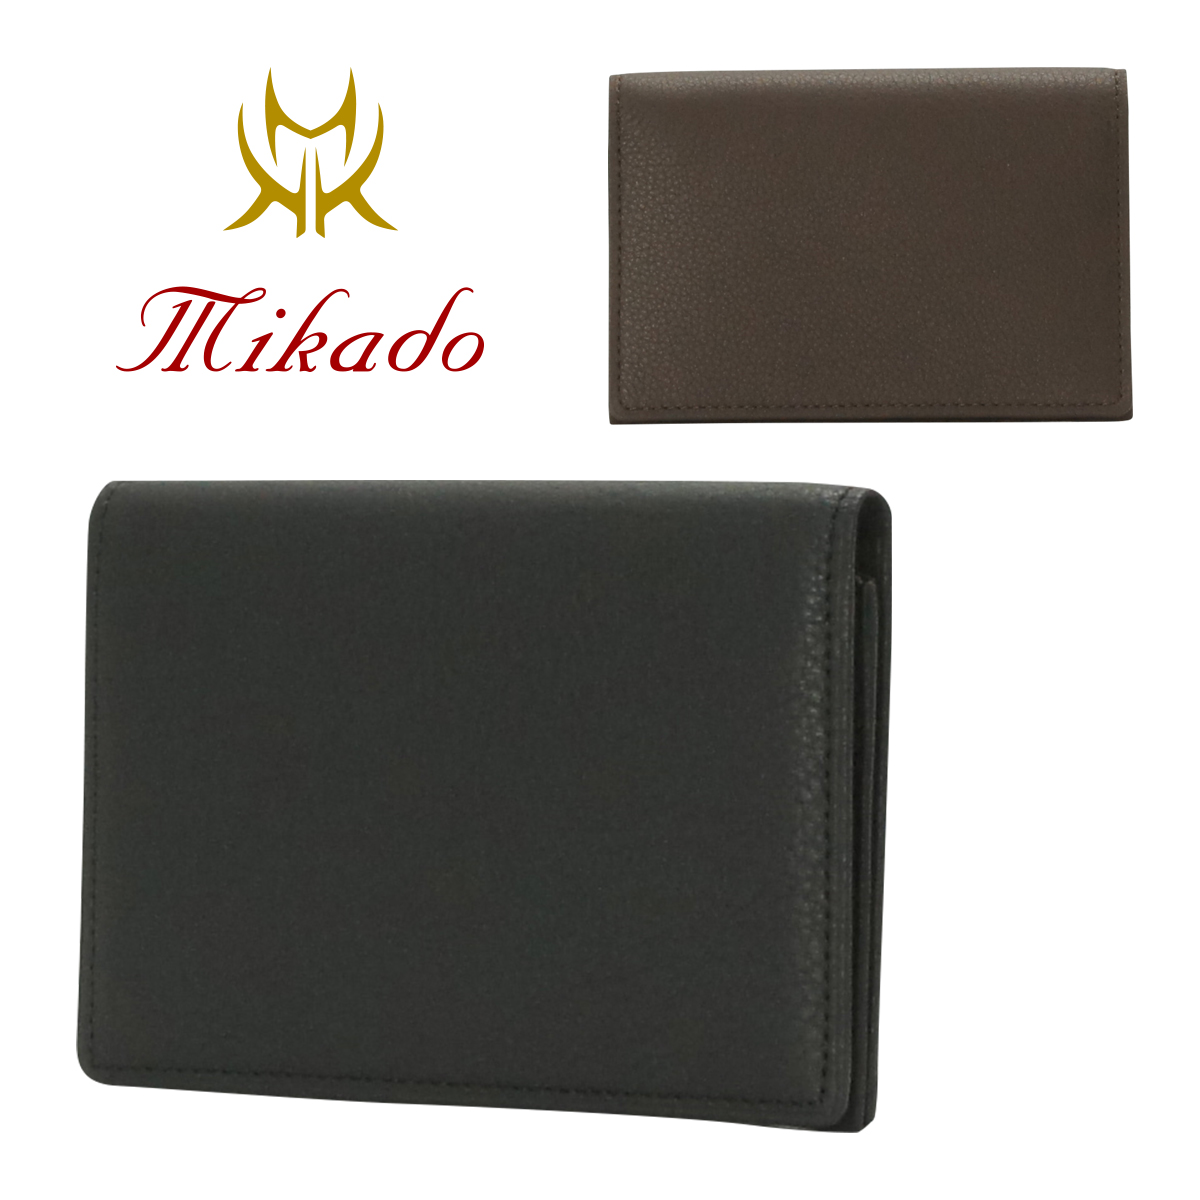 ミカド Mikado カードケース 312023 コンビヌメ 【 名刺入れ メンズ レザー 】[PO5][bef][即日発送]